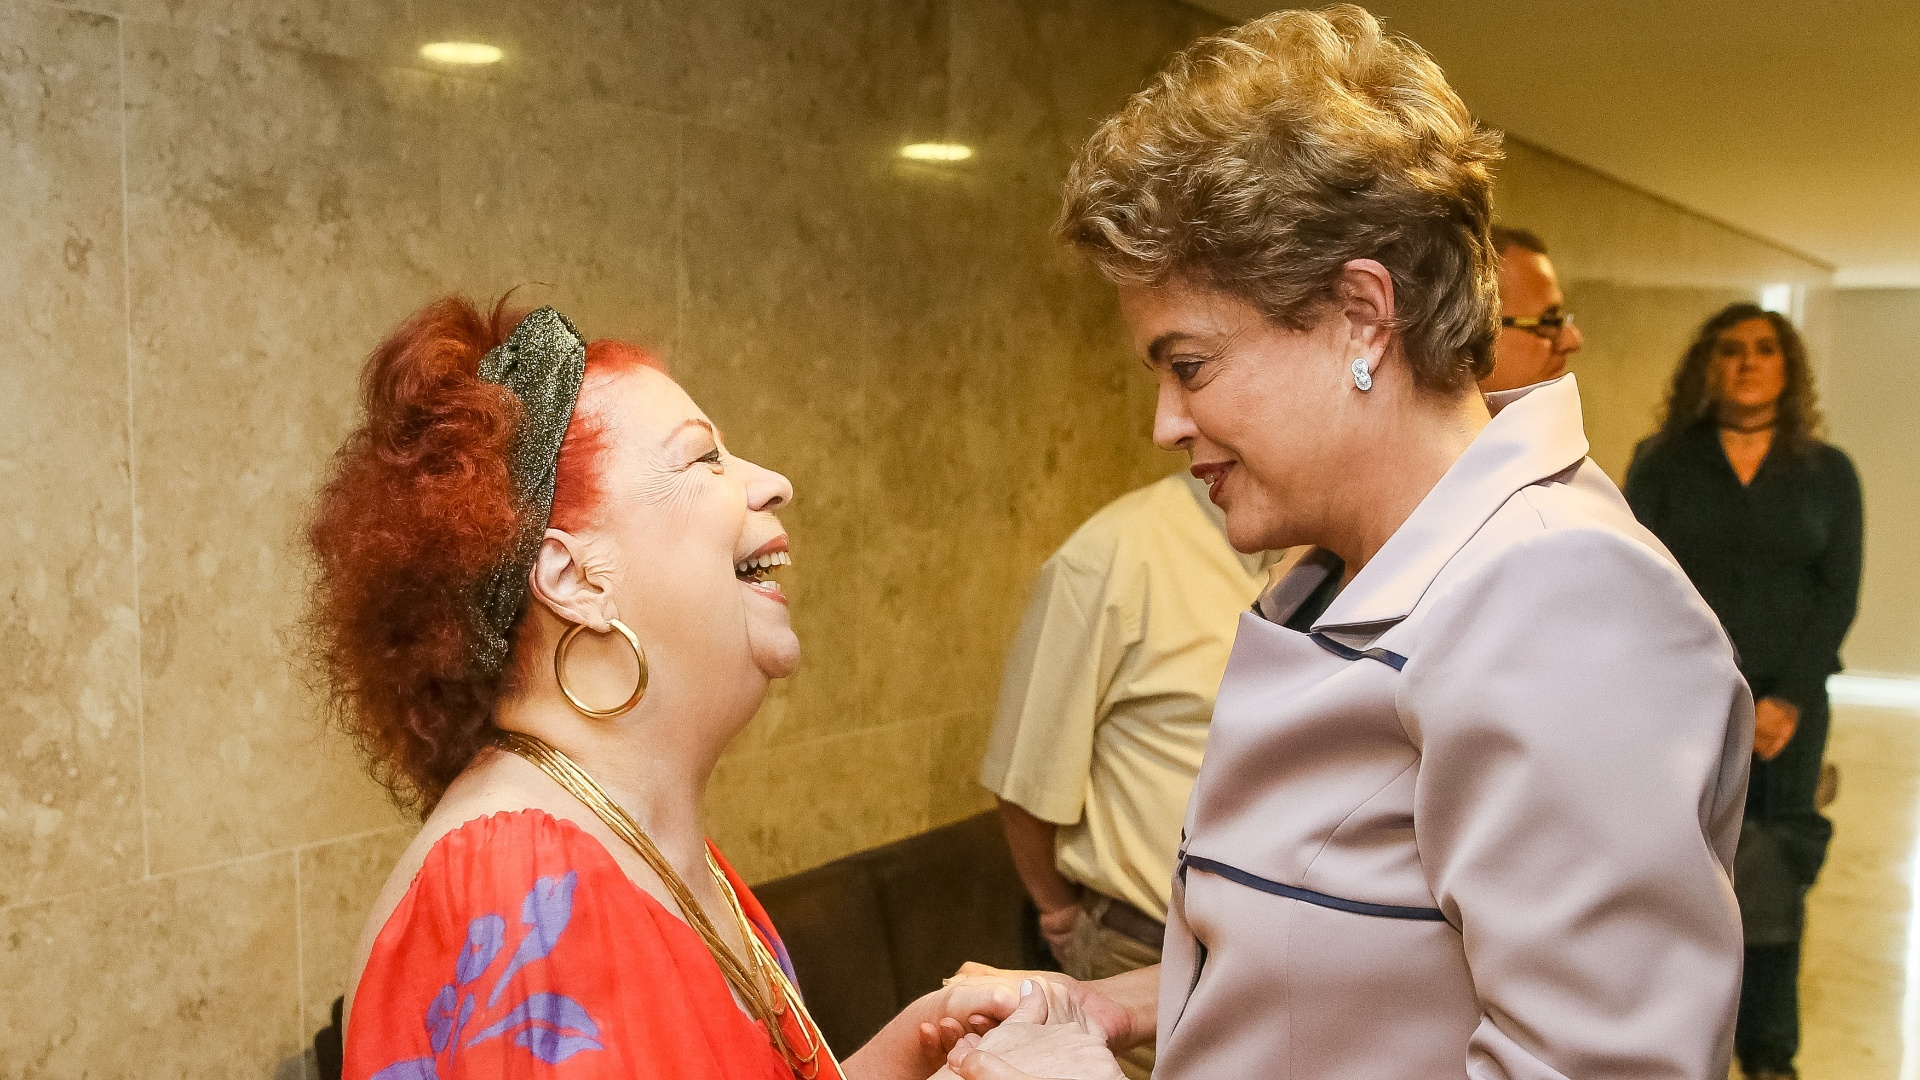 31.mar.2016 - A presidente Dilma Rousseff conversa com Beth Carvalho durante encontro com artistas e intelectuais em defesa da democracia, em Brasília. Ao fundo, a cineasta Anna Muylaert